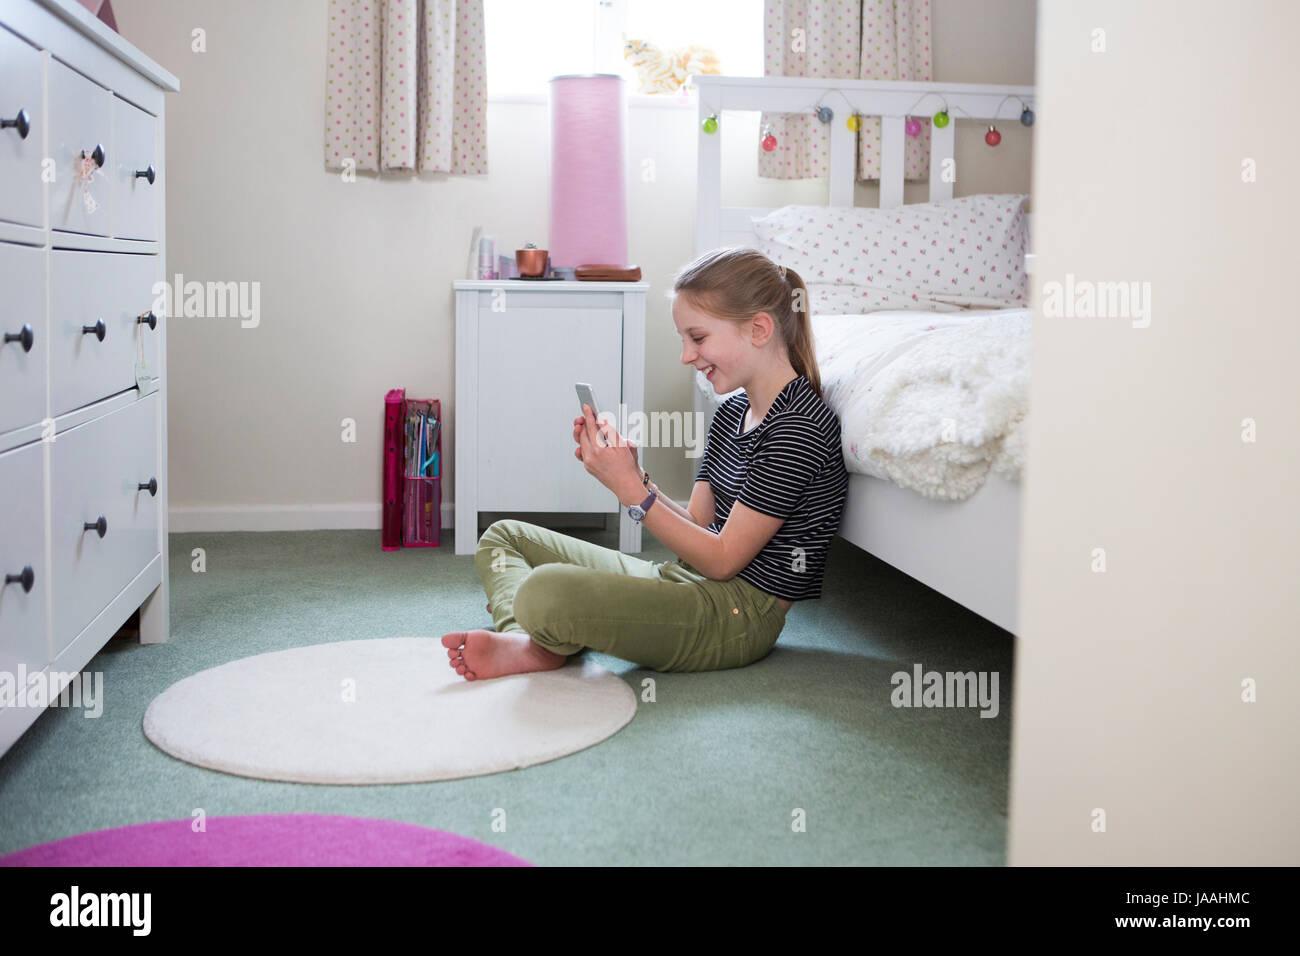 Fille assise sur le plancher de chambre à coucher en utilisant le téléphone mobile Photo Stock